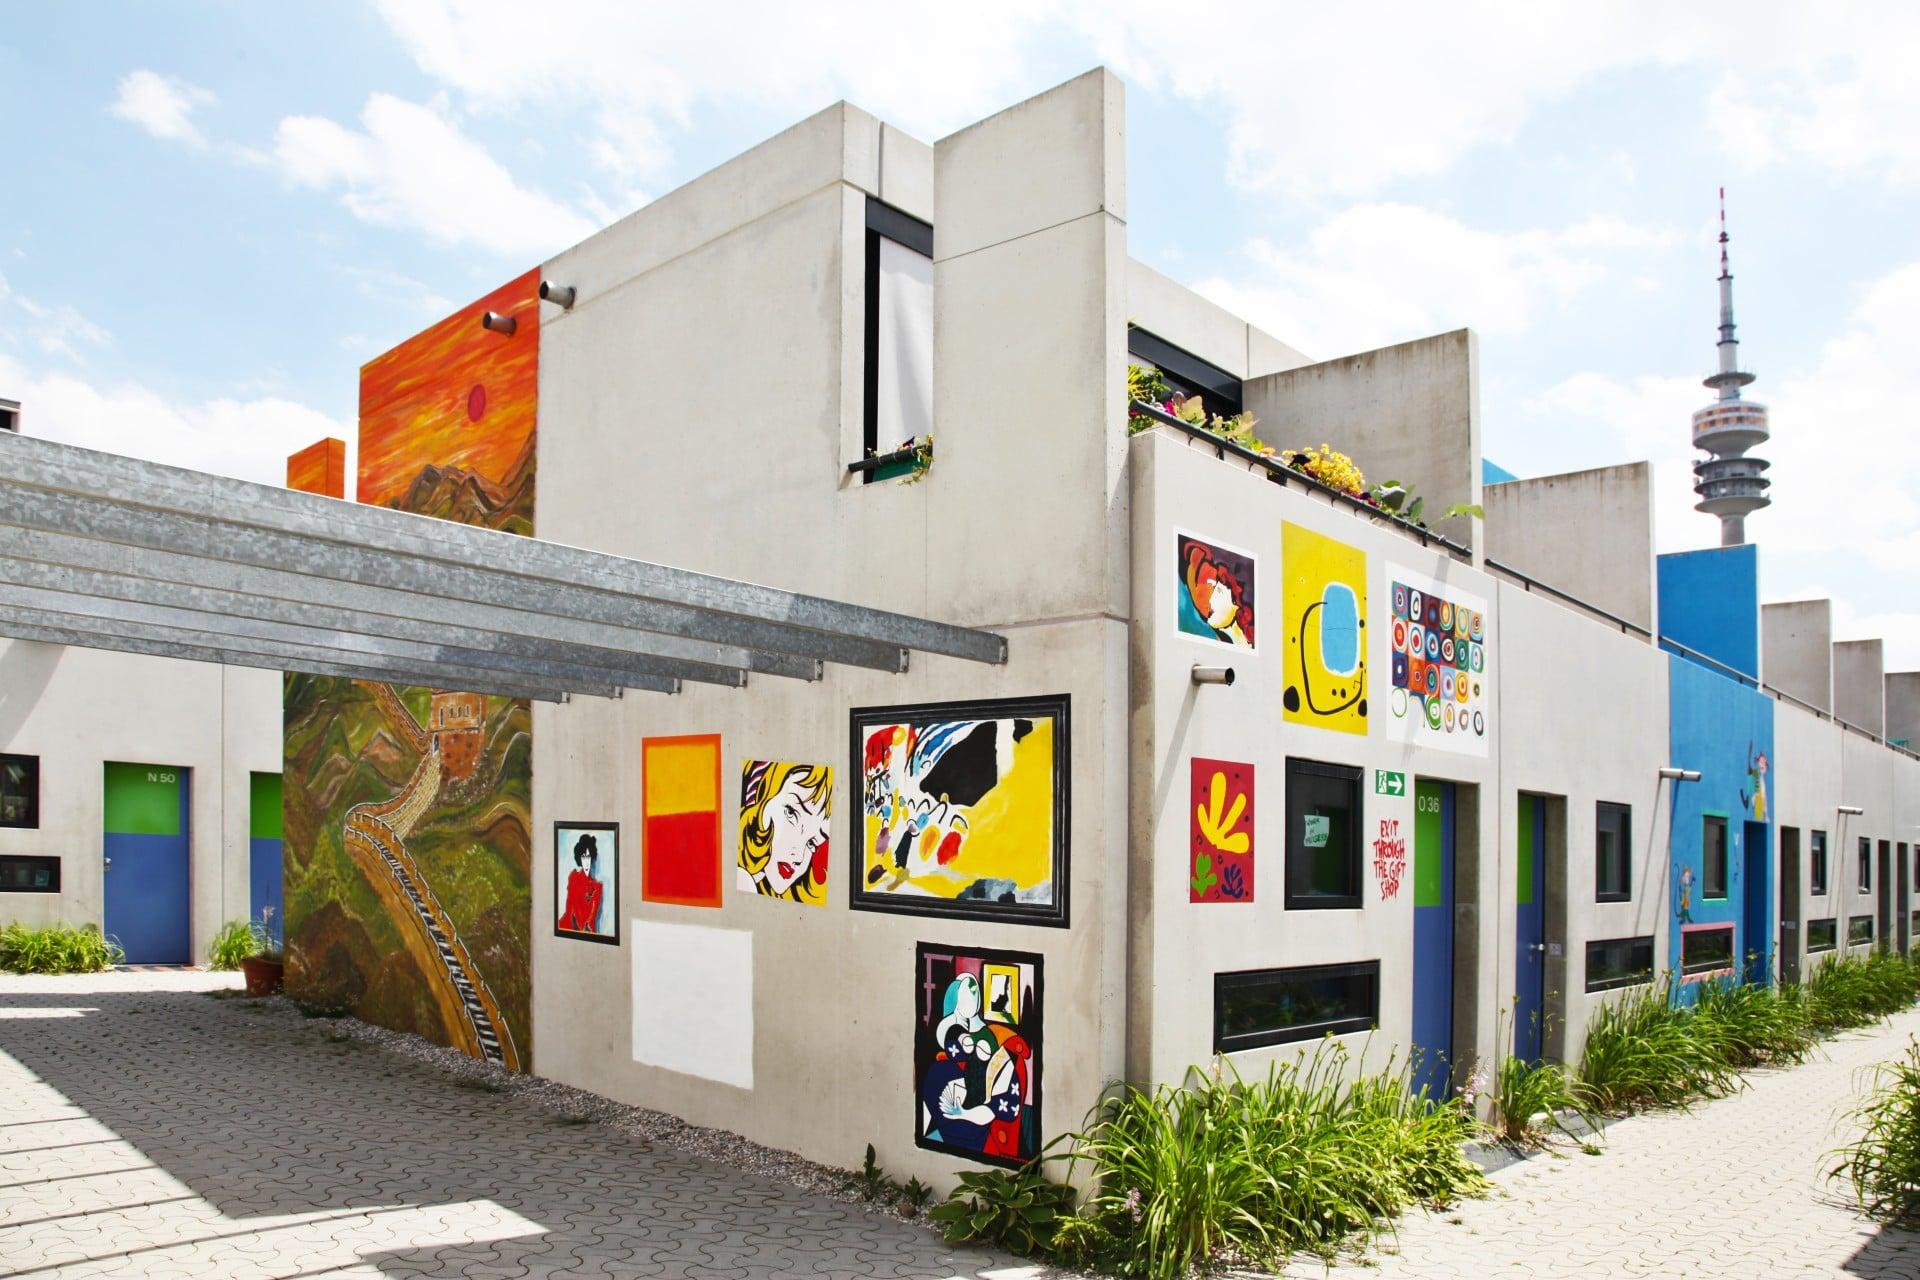 594-Carsten-Schütz-Architekturfotos-2qbTLPtK